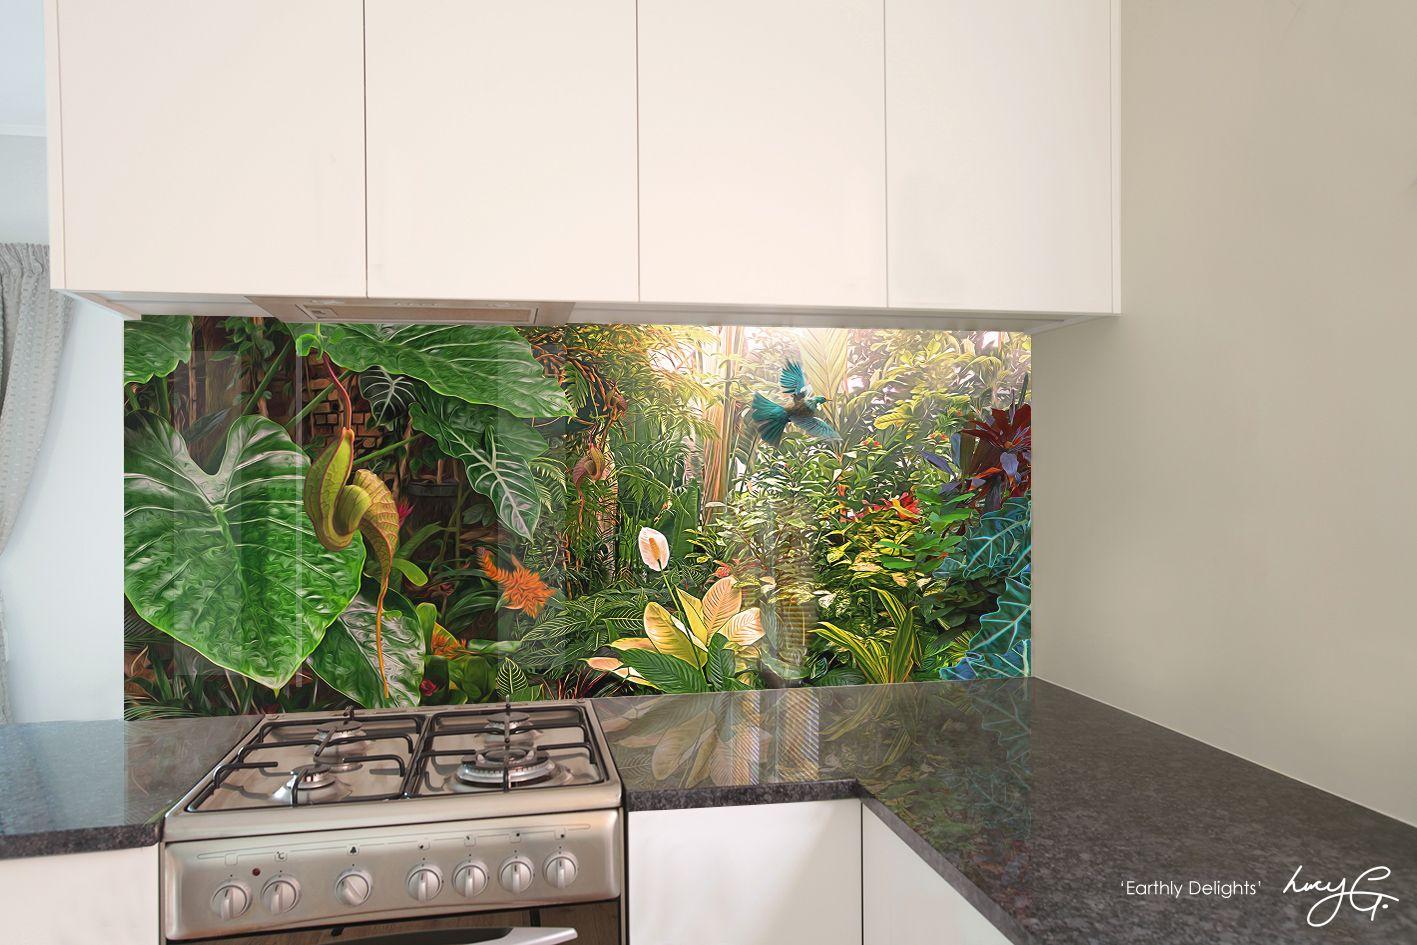 Kitchen Backsplash Nz photo kitchen backsplash / photo splashbacklucy g. 'earthly